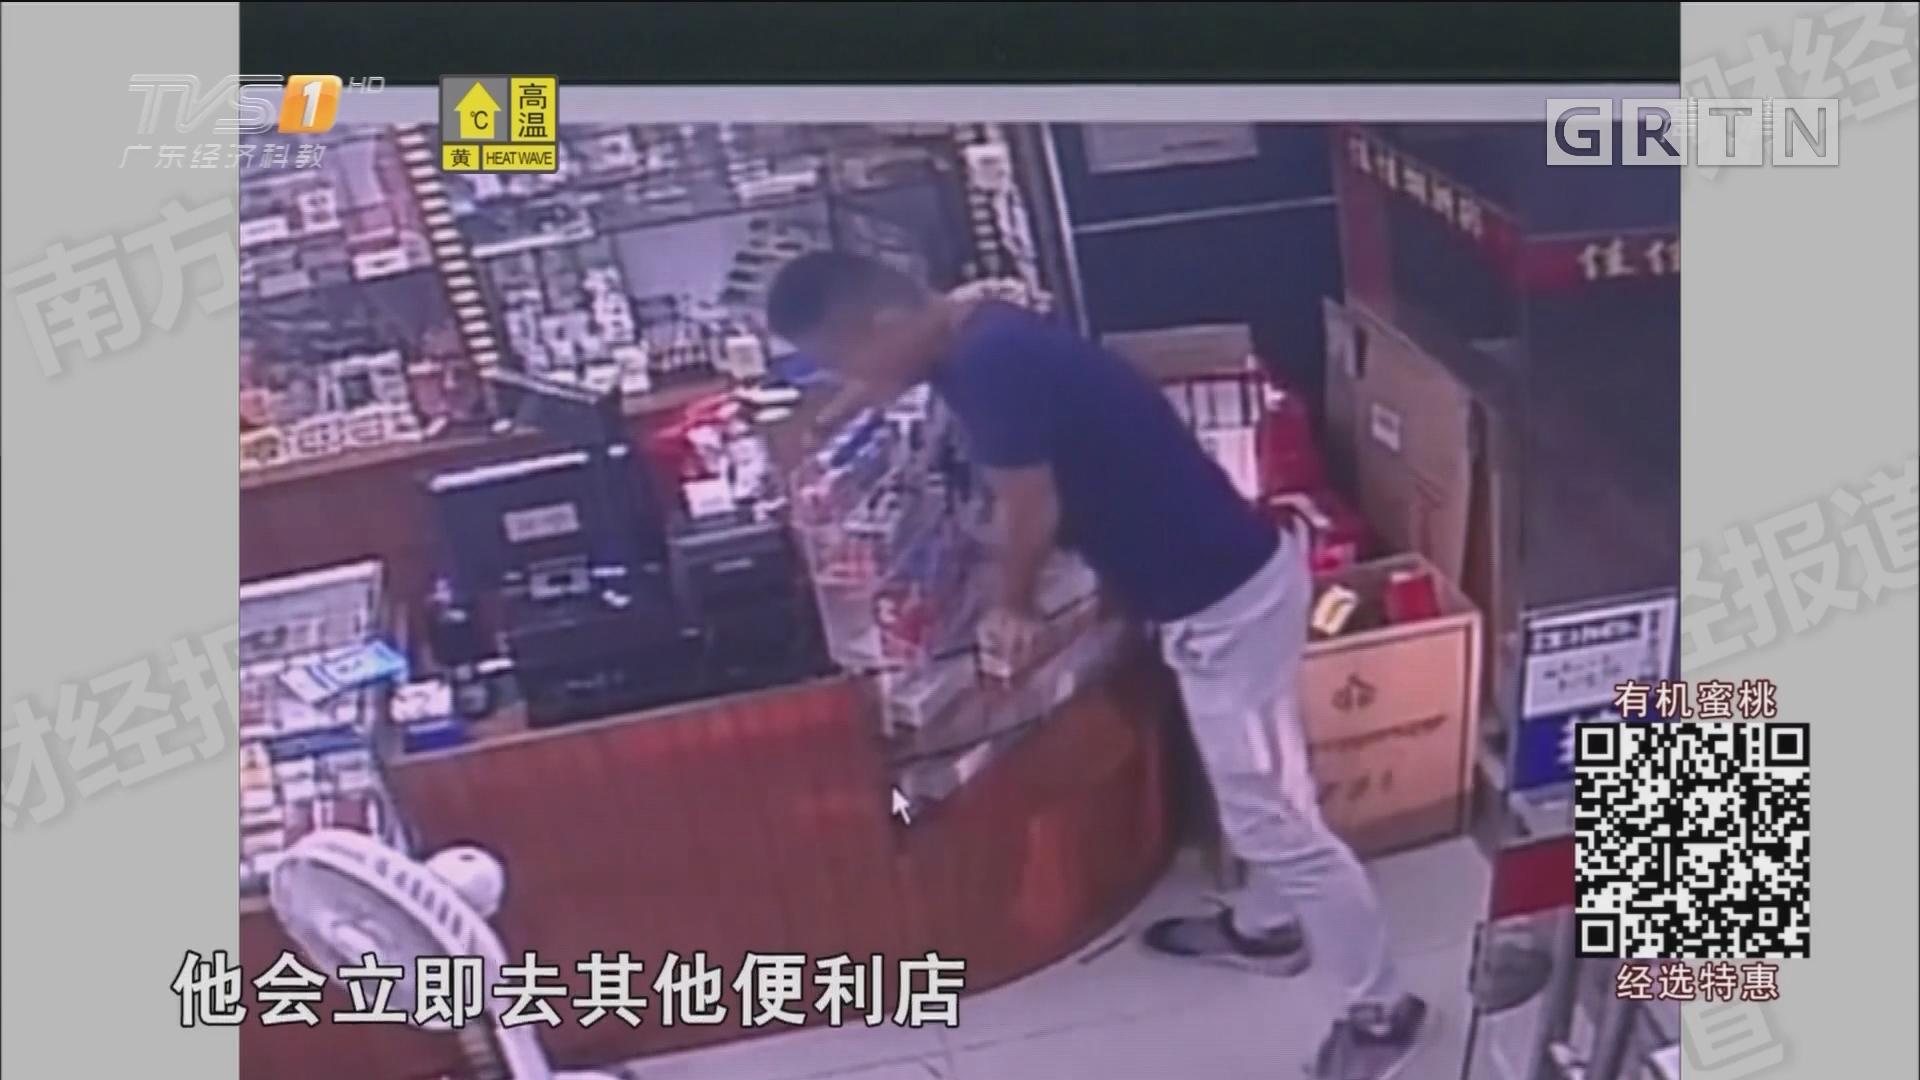 多家便利店被盗 蟊贼专偷手机刷二维码